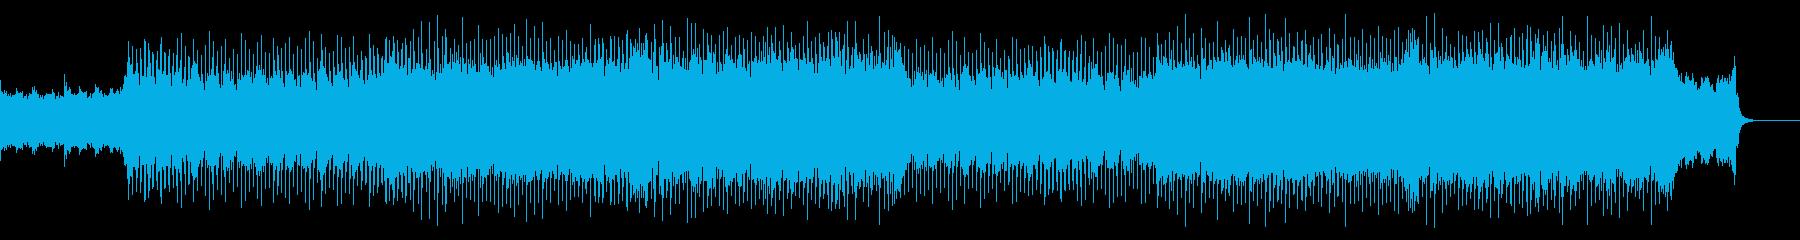 挑戦・希望・前向き/感動的なピアノロックの再生済みの波形